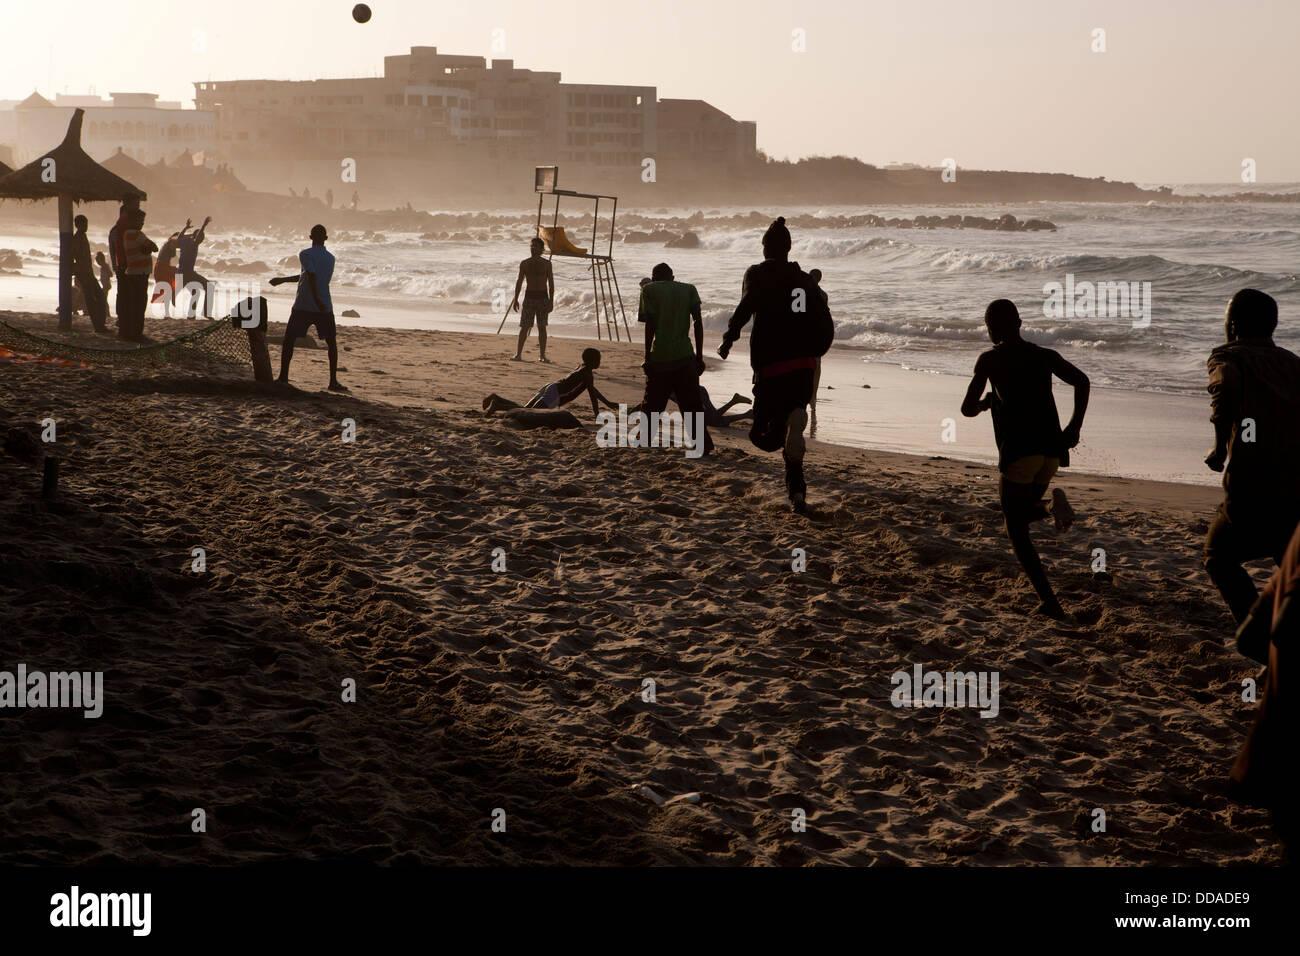 La vie à la plage à Dakar, Sénégal. Photo Stock